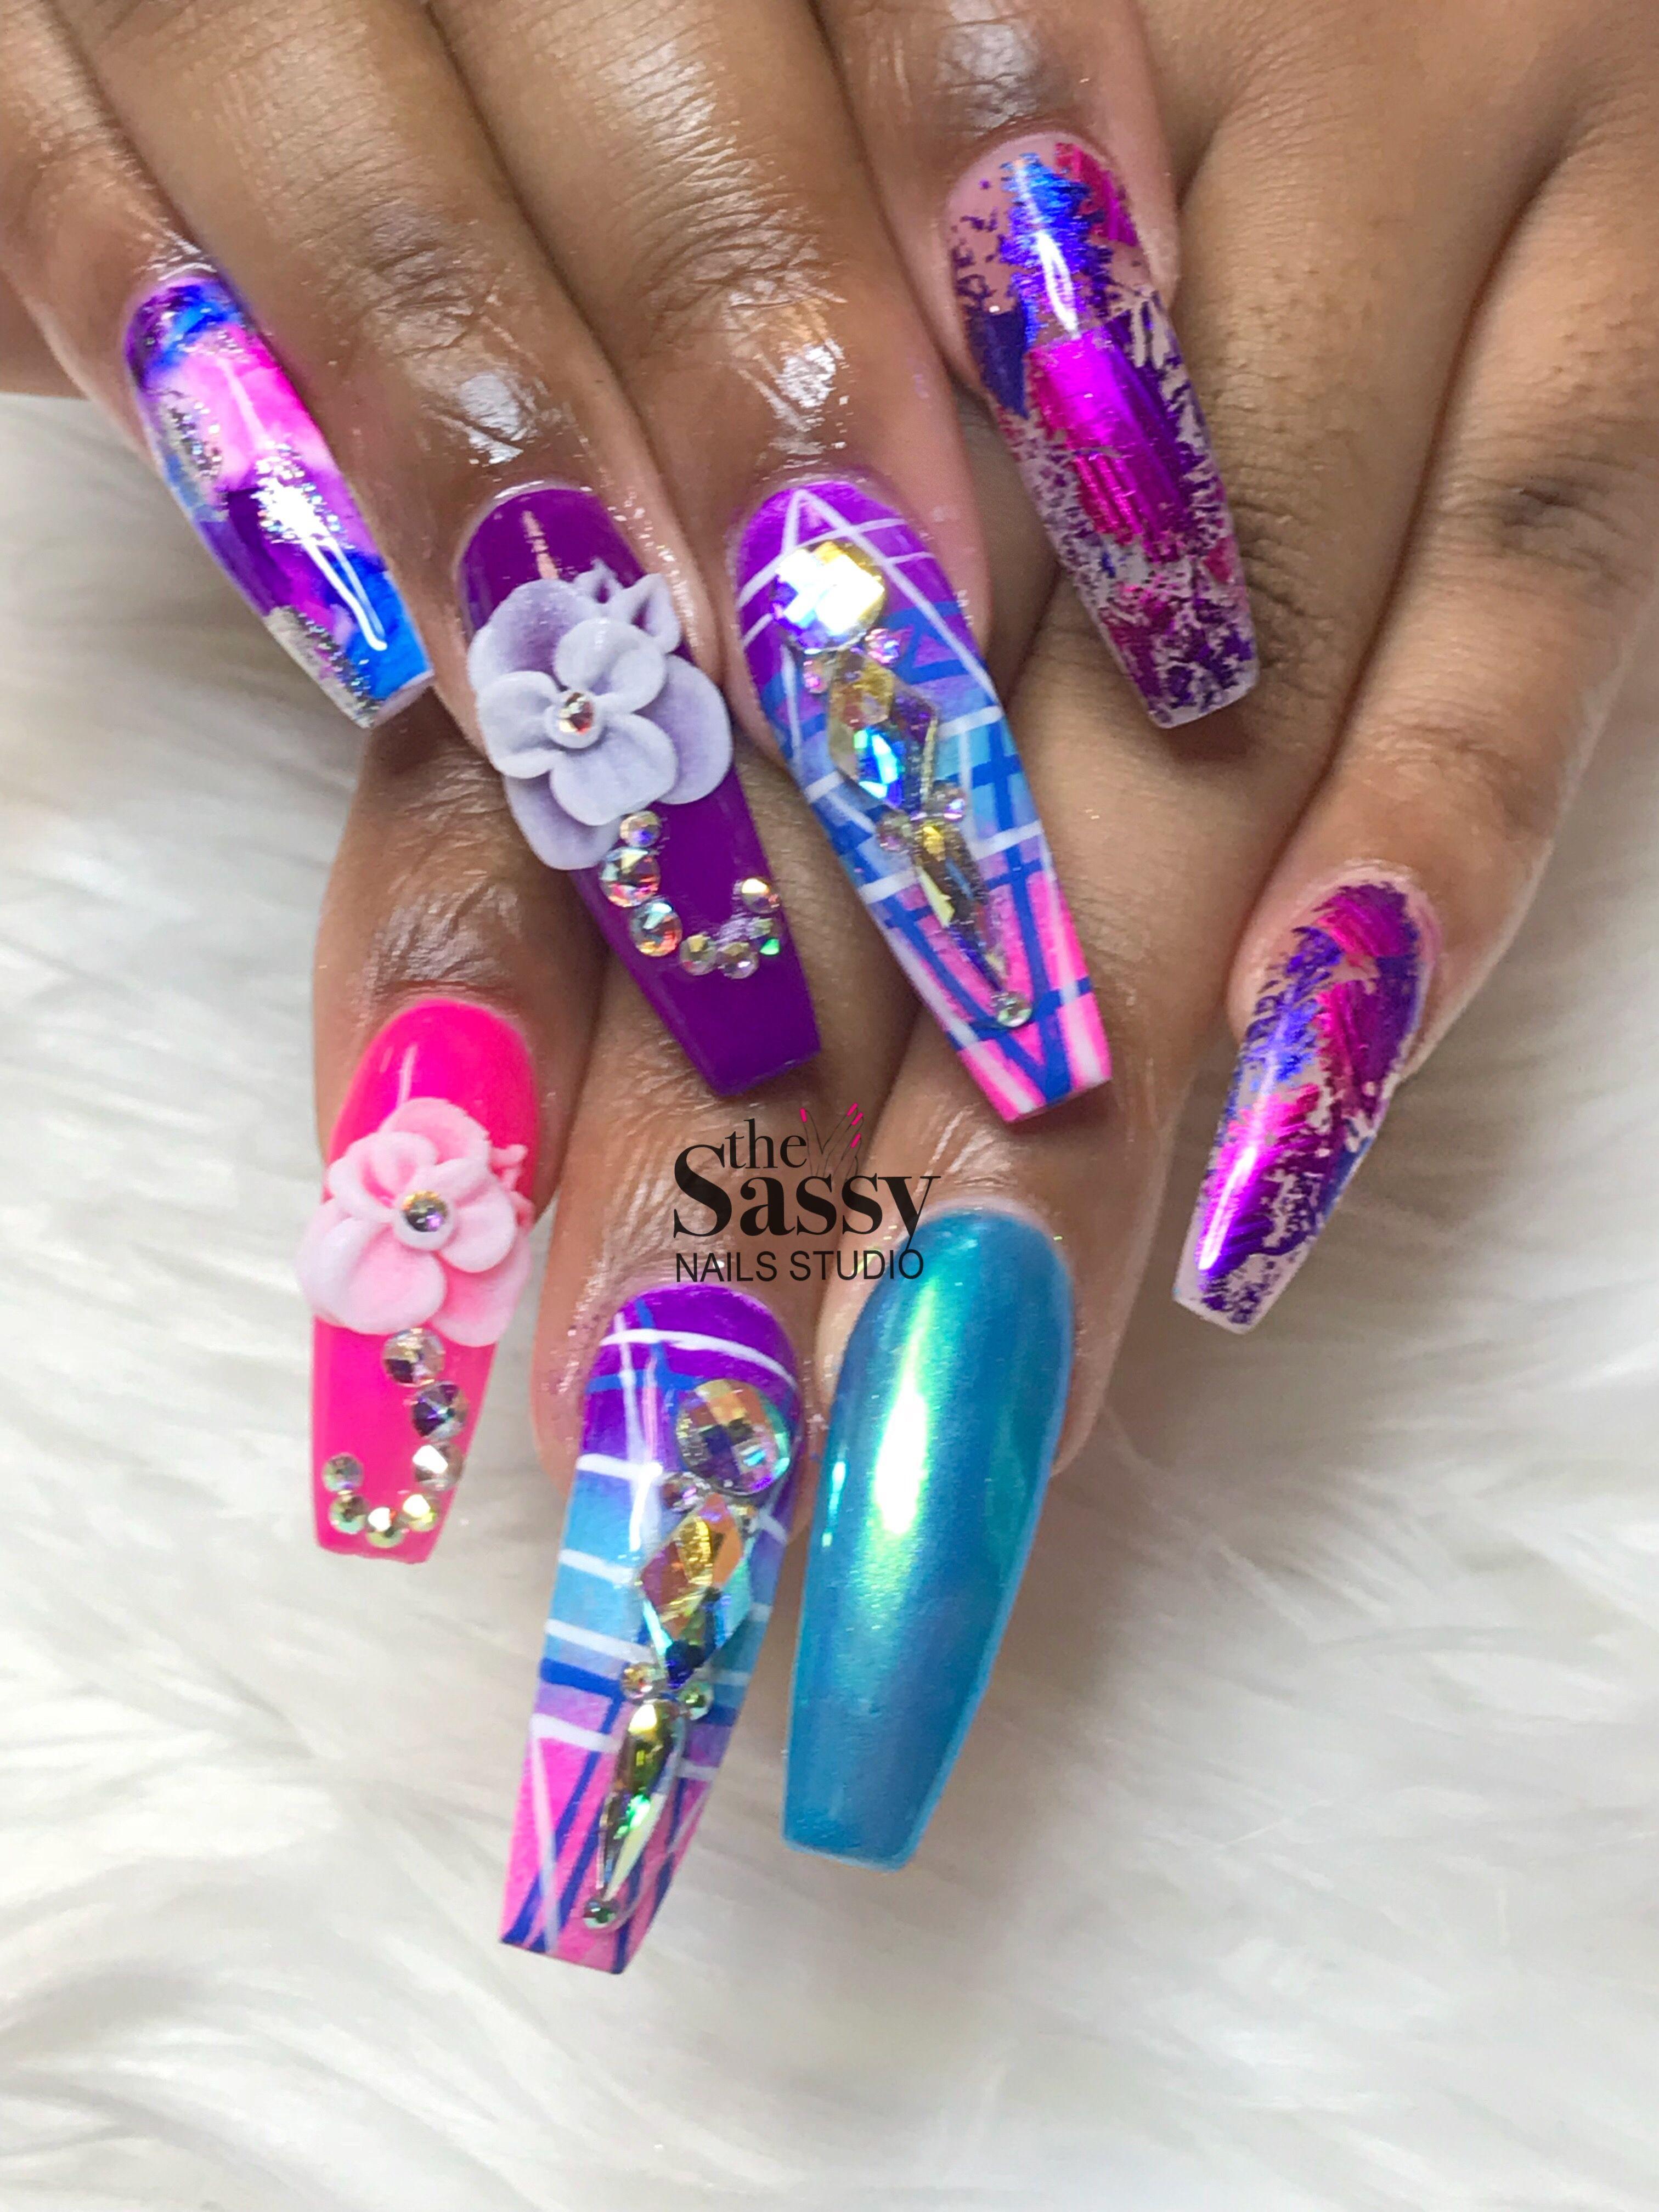 Stiletto nails #unicorn nails #treasure nails #long nails #coffin ...